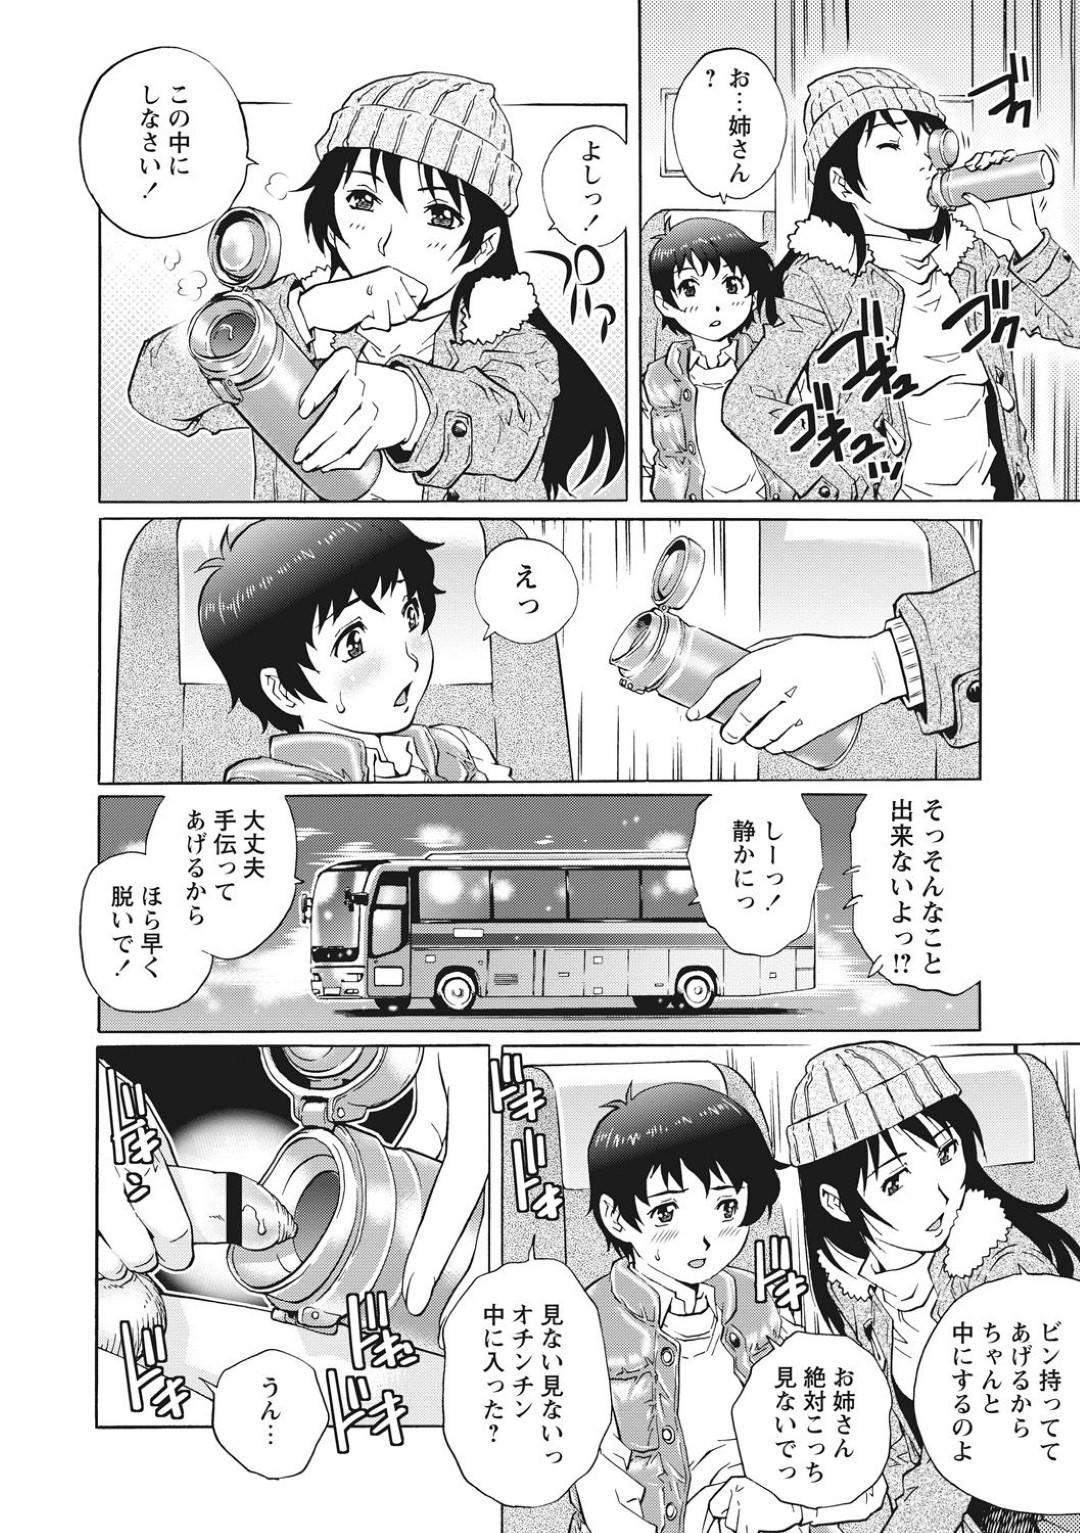 【エロ漫画】深夜バスの出発後、オシッコしたいガキにお姉ちゃんが水筒の中身を空けて、済ませるように提案する!オシッコは済んだものの、何故かチンコは勃起していて、そこは私がと!お姉ちゃんが一肌脱ぐことに!!